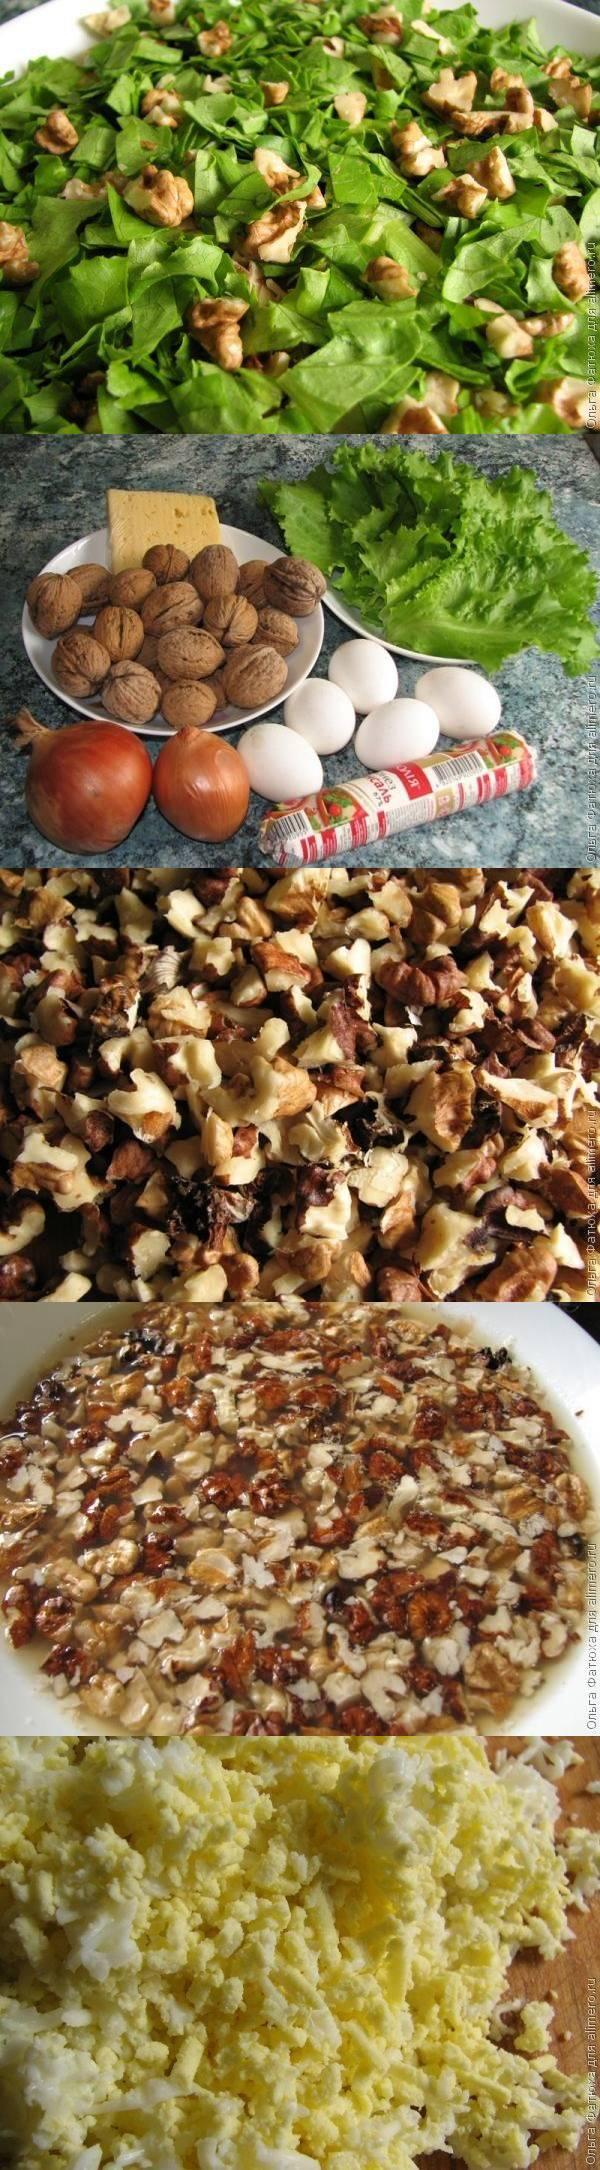 Салат с орехами грецкими рецепт пошагово в